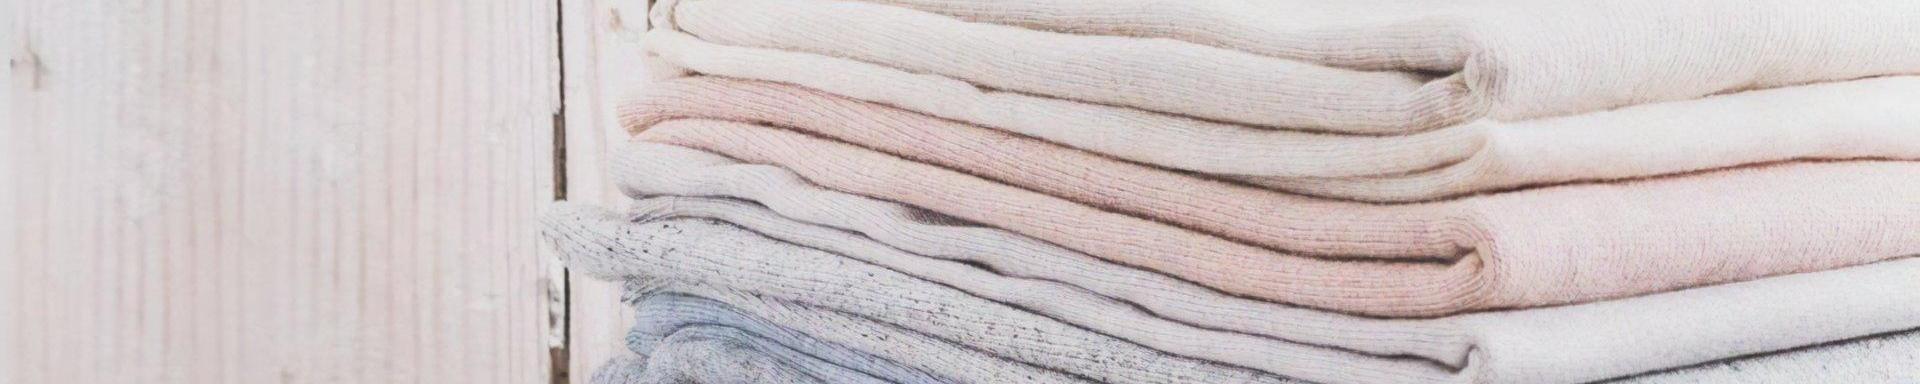 Trucos para cuidar el algodón de tus prendas